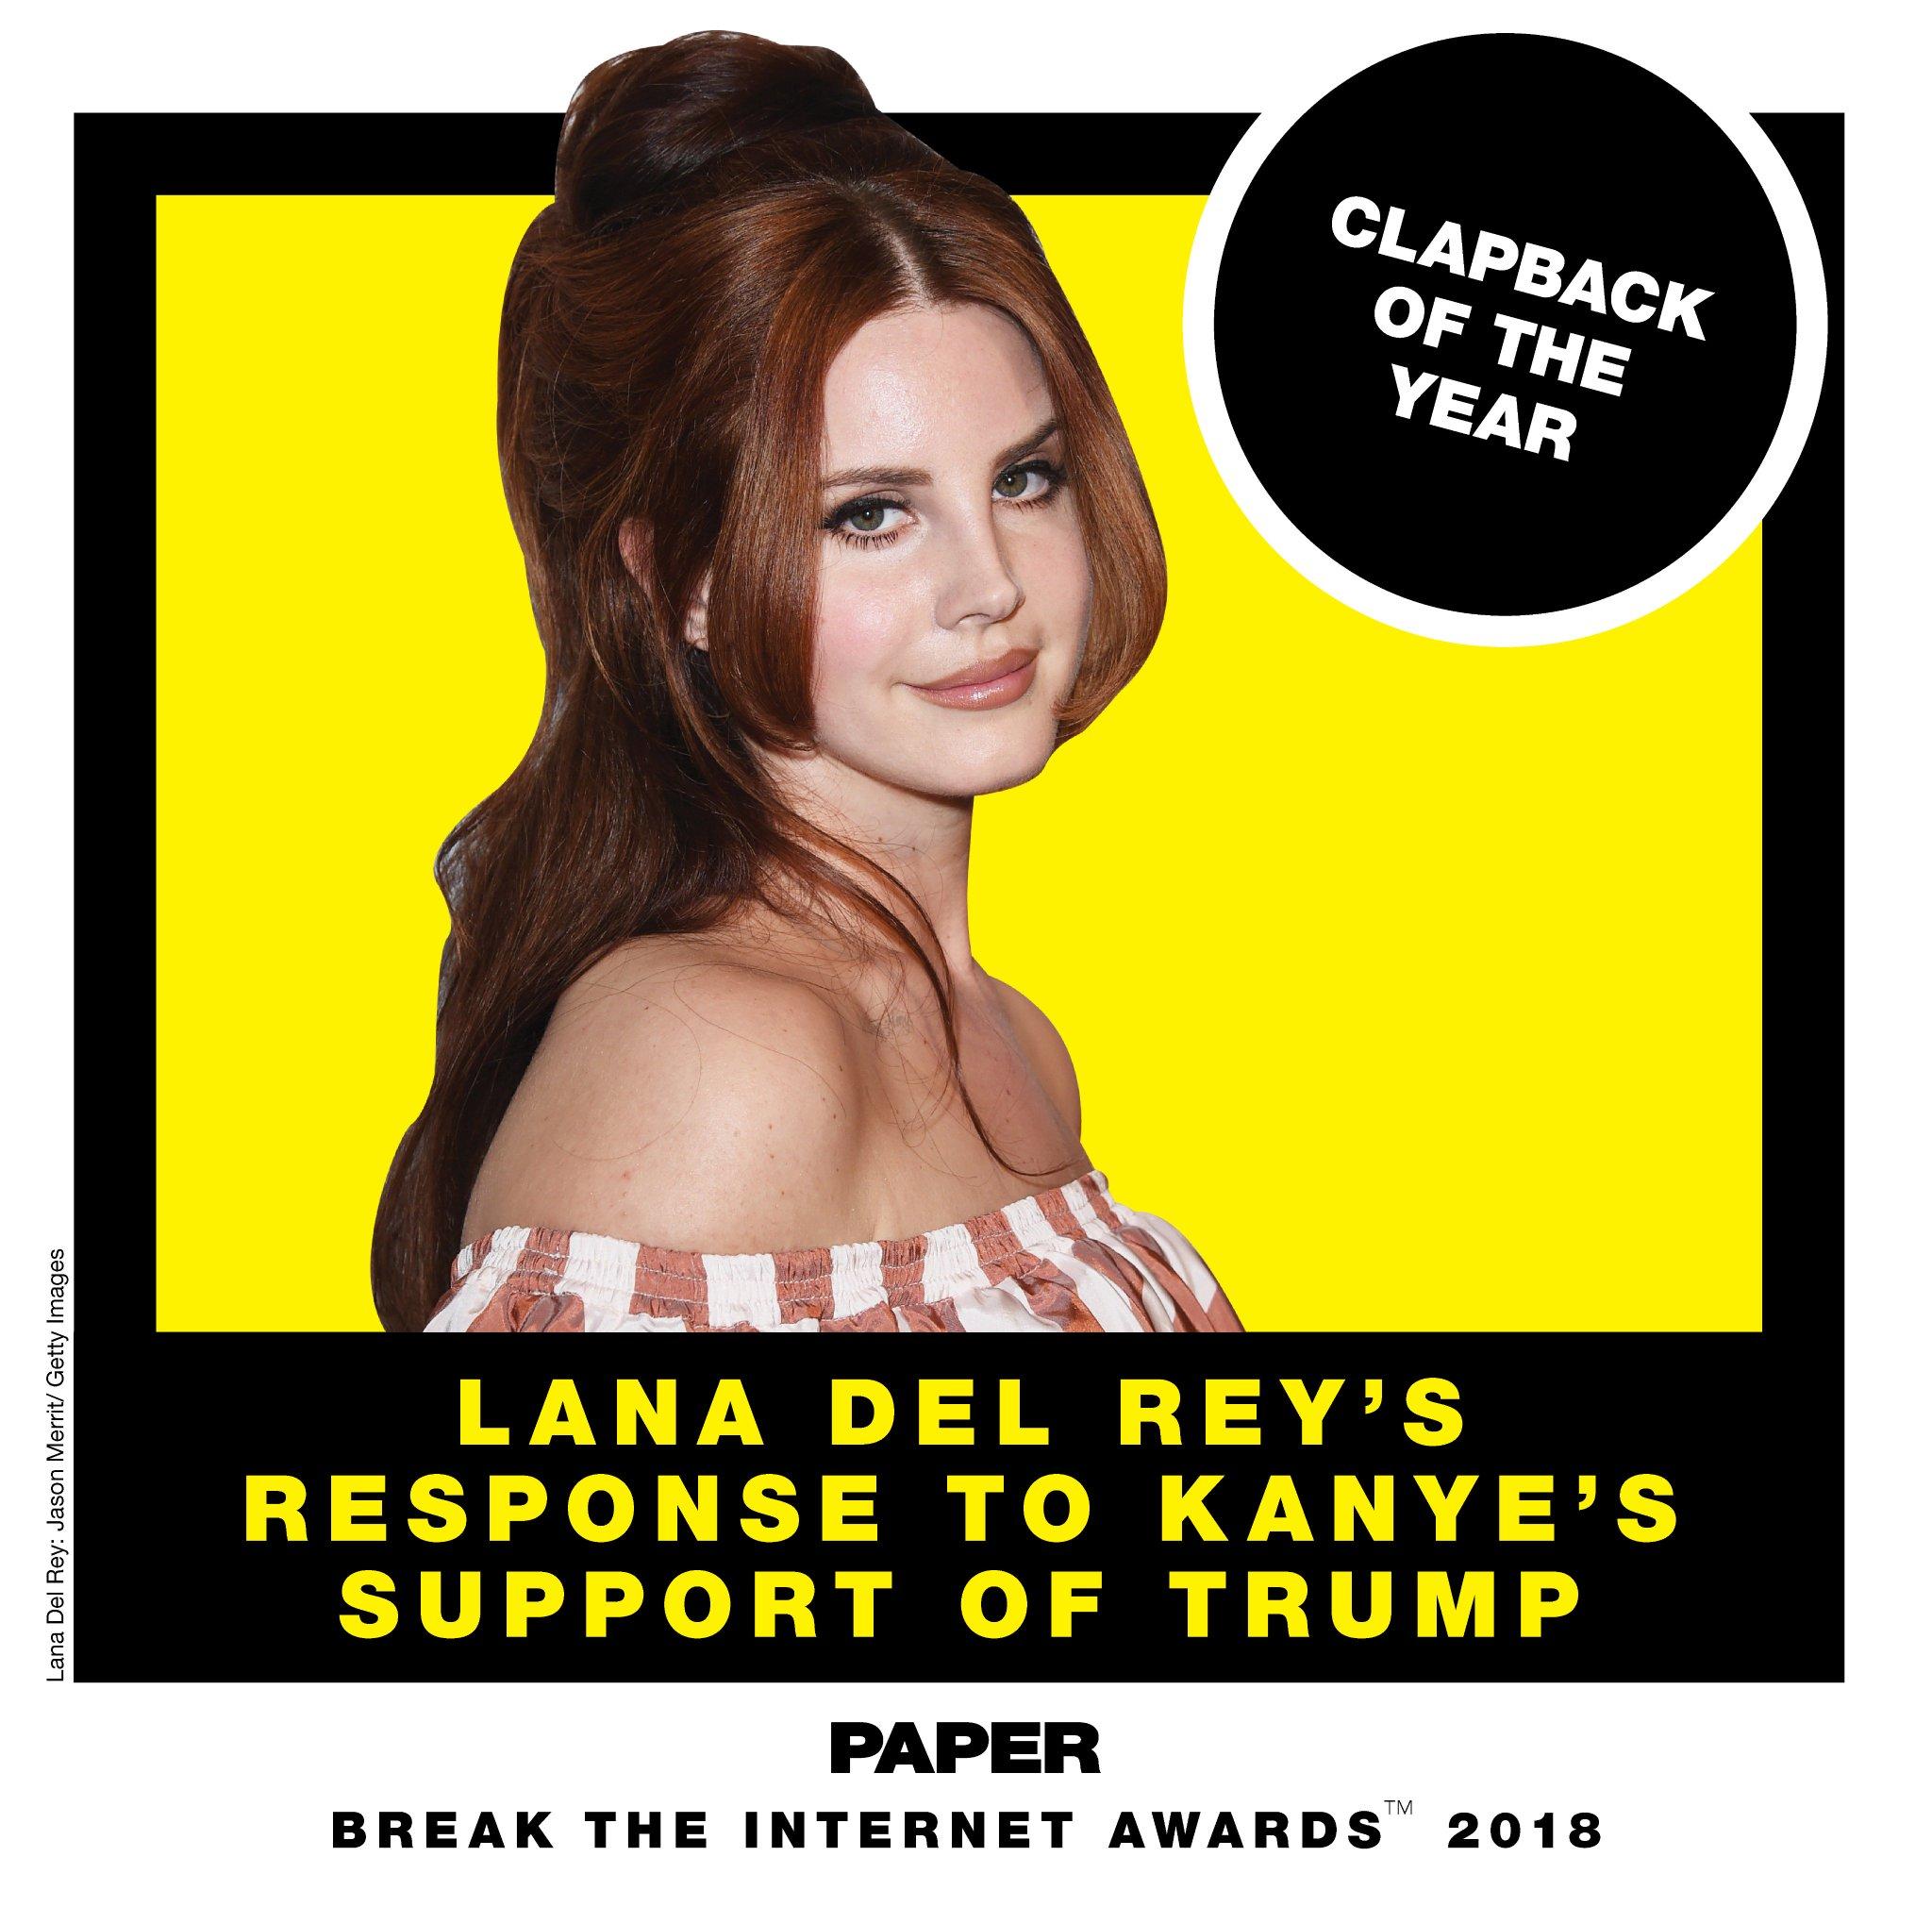 .@LanaDelRey for clapback of the year! #breaktheinternet  https://t.co/Fnkqv7FGh6 https://t.co/SKjPwpqAAV